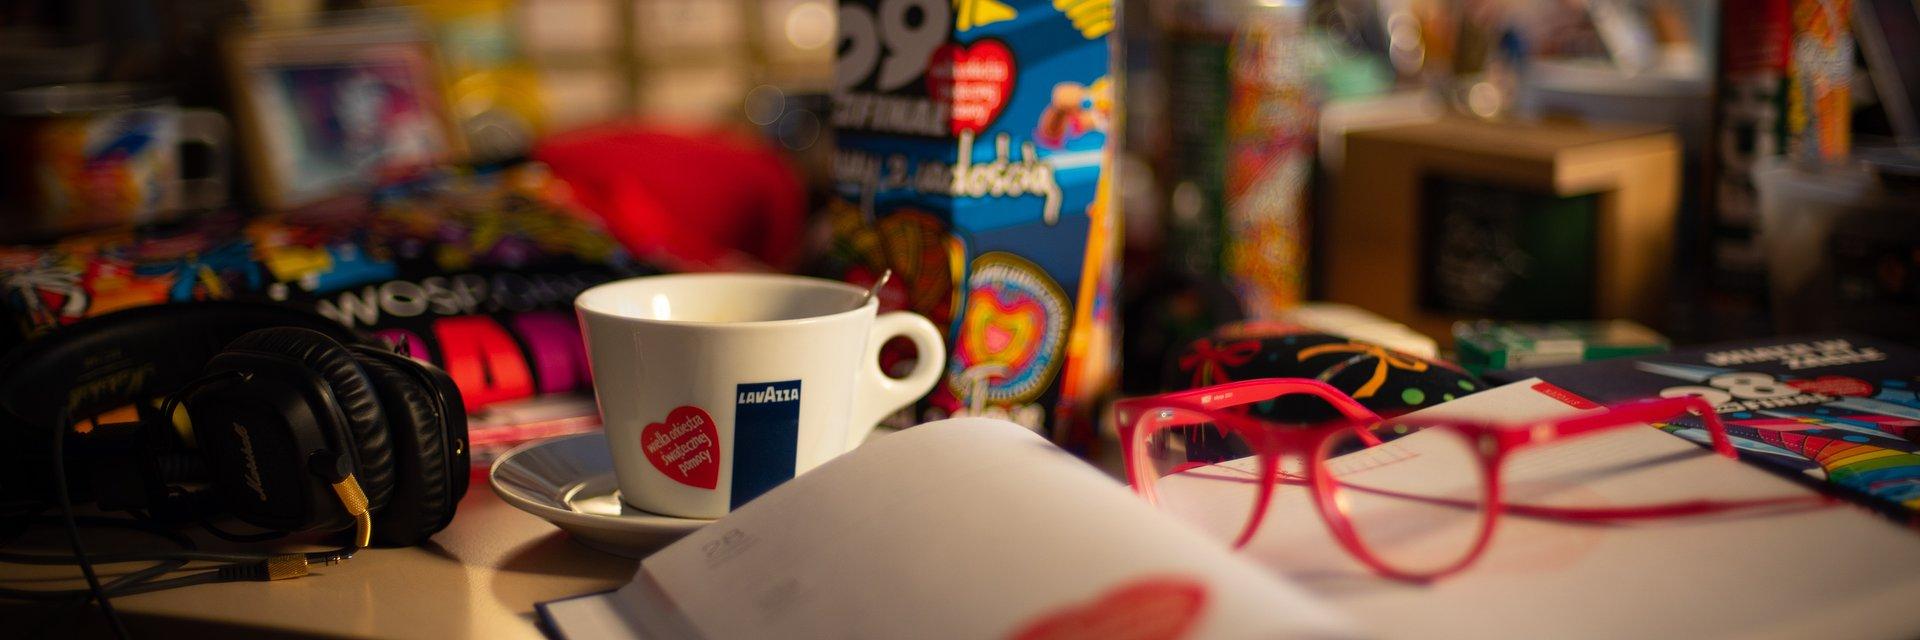 Lavazza gra z WOŚP! Włoski producent kawy ogłasza dwuletnią współpracę z WOŚP